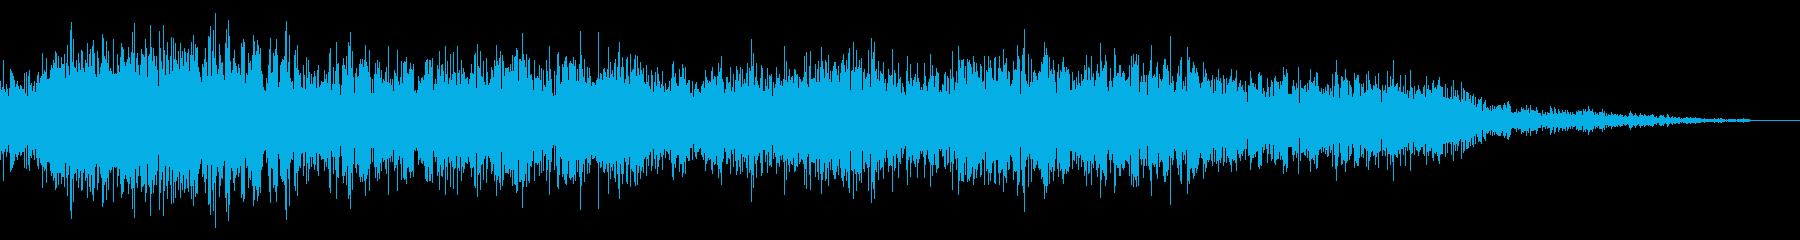 恐竜の叫び声 短め1の再生済みの波形